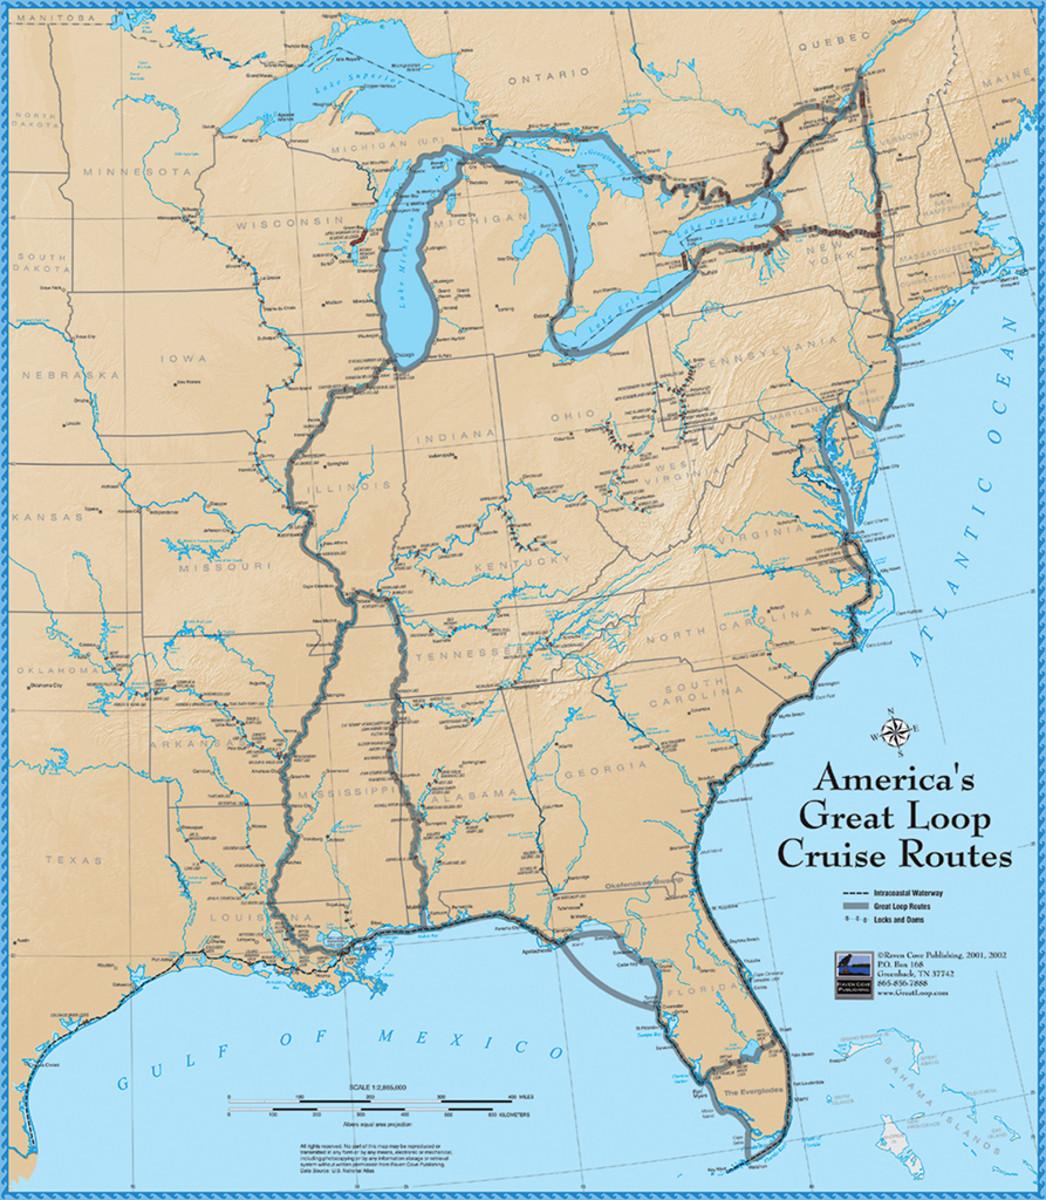 Map of America's Great Loop